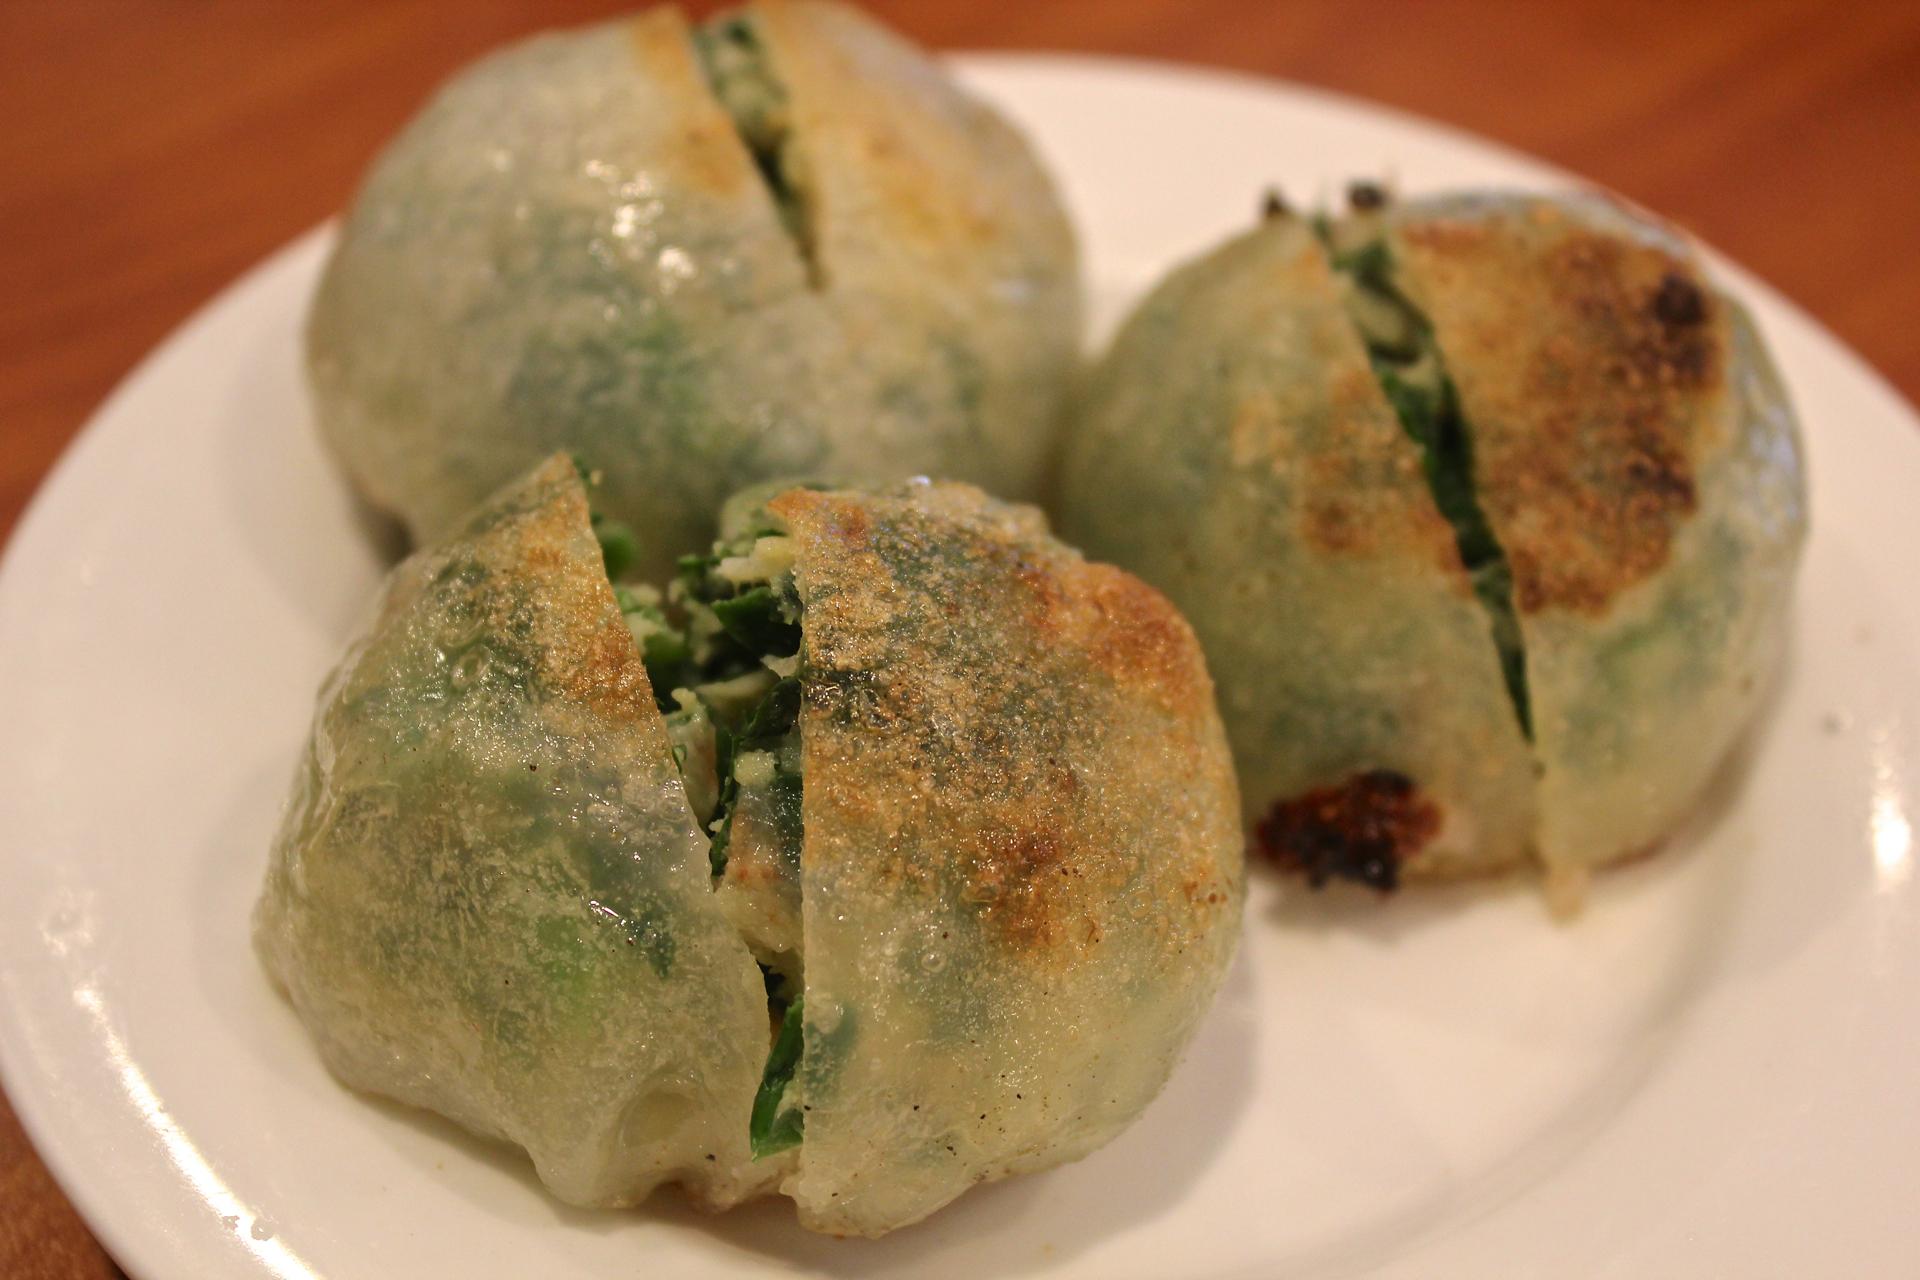 Pan-fried chive and shrimp dumplings at Ocean Delight.